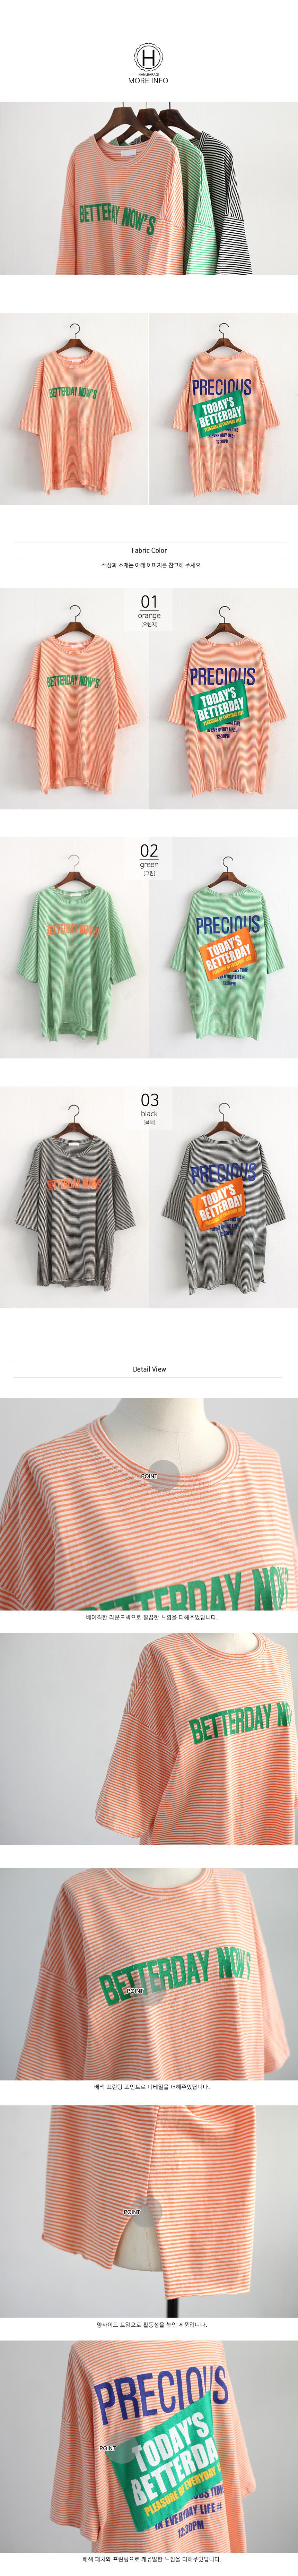 베럴 패치 스트라이프 티 - 하늘바라기, 20,900원, 상의, 반팔티셔츠